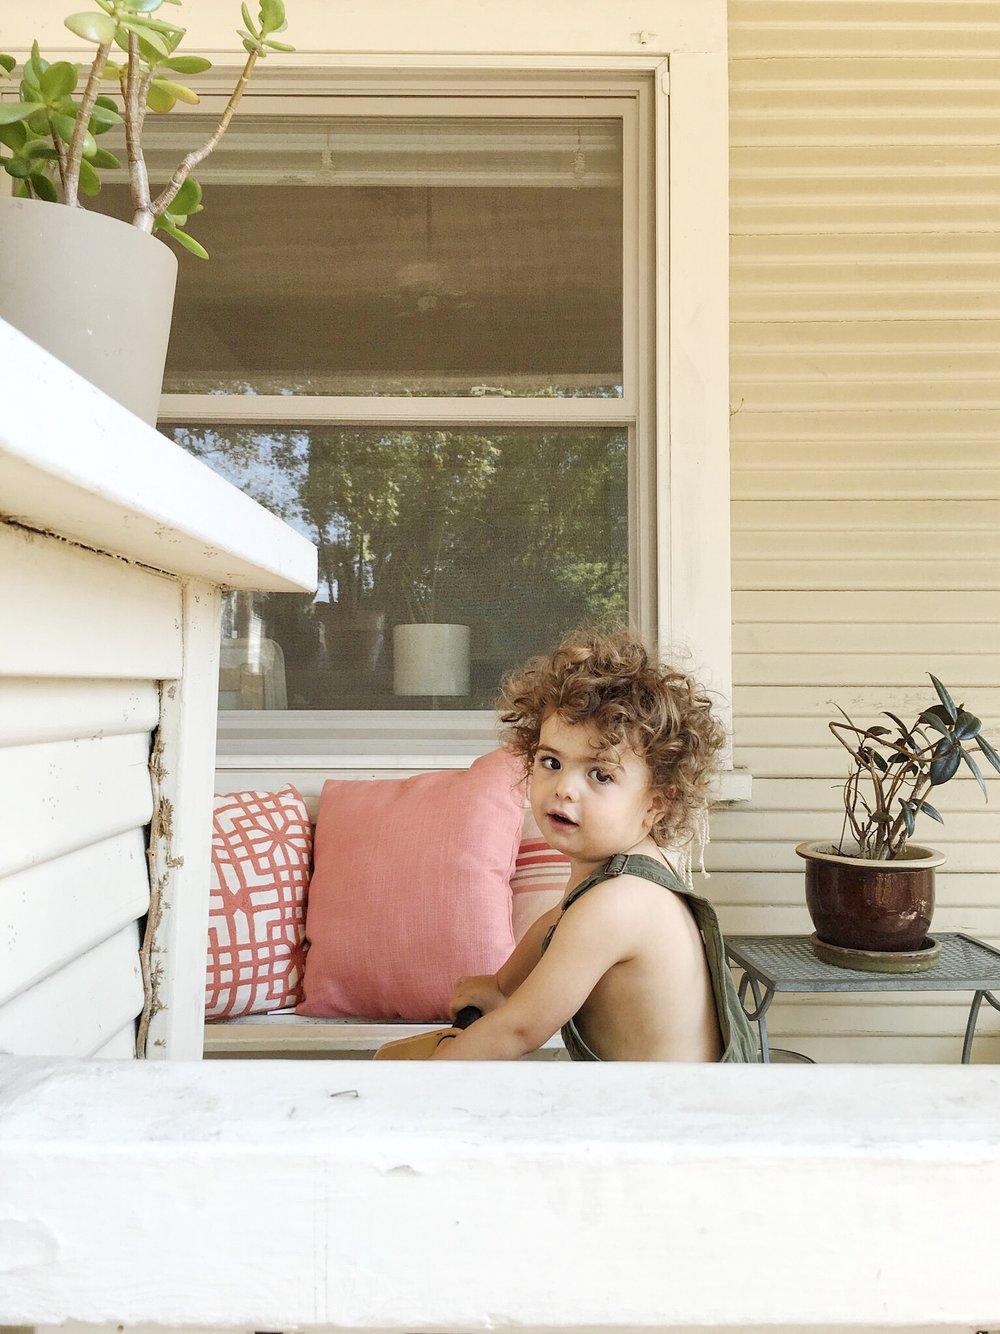 Zain Oliver's cherub-charm.